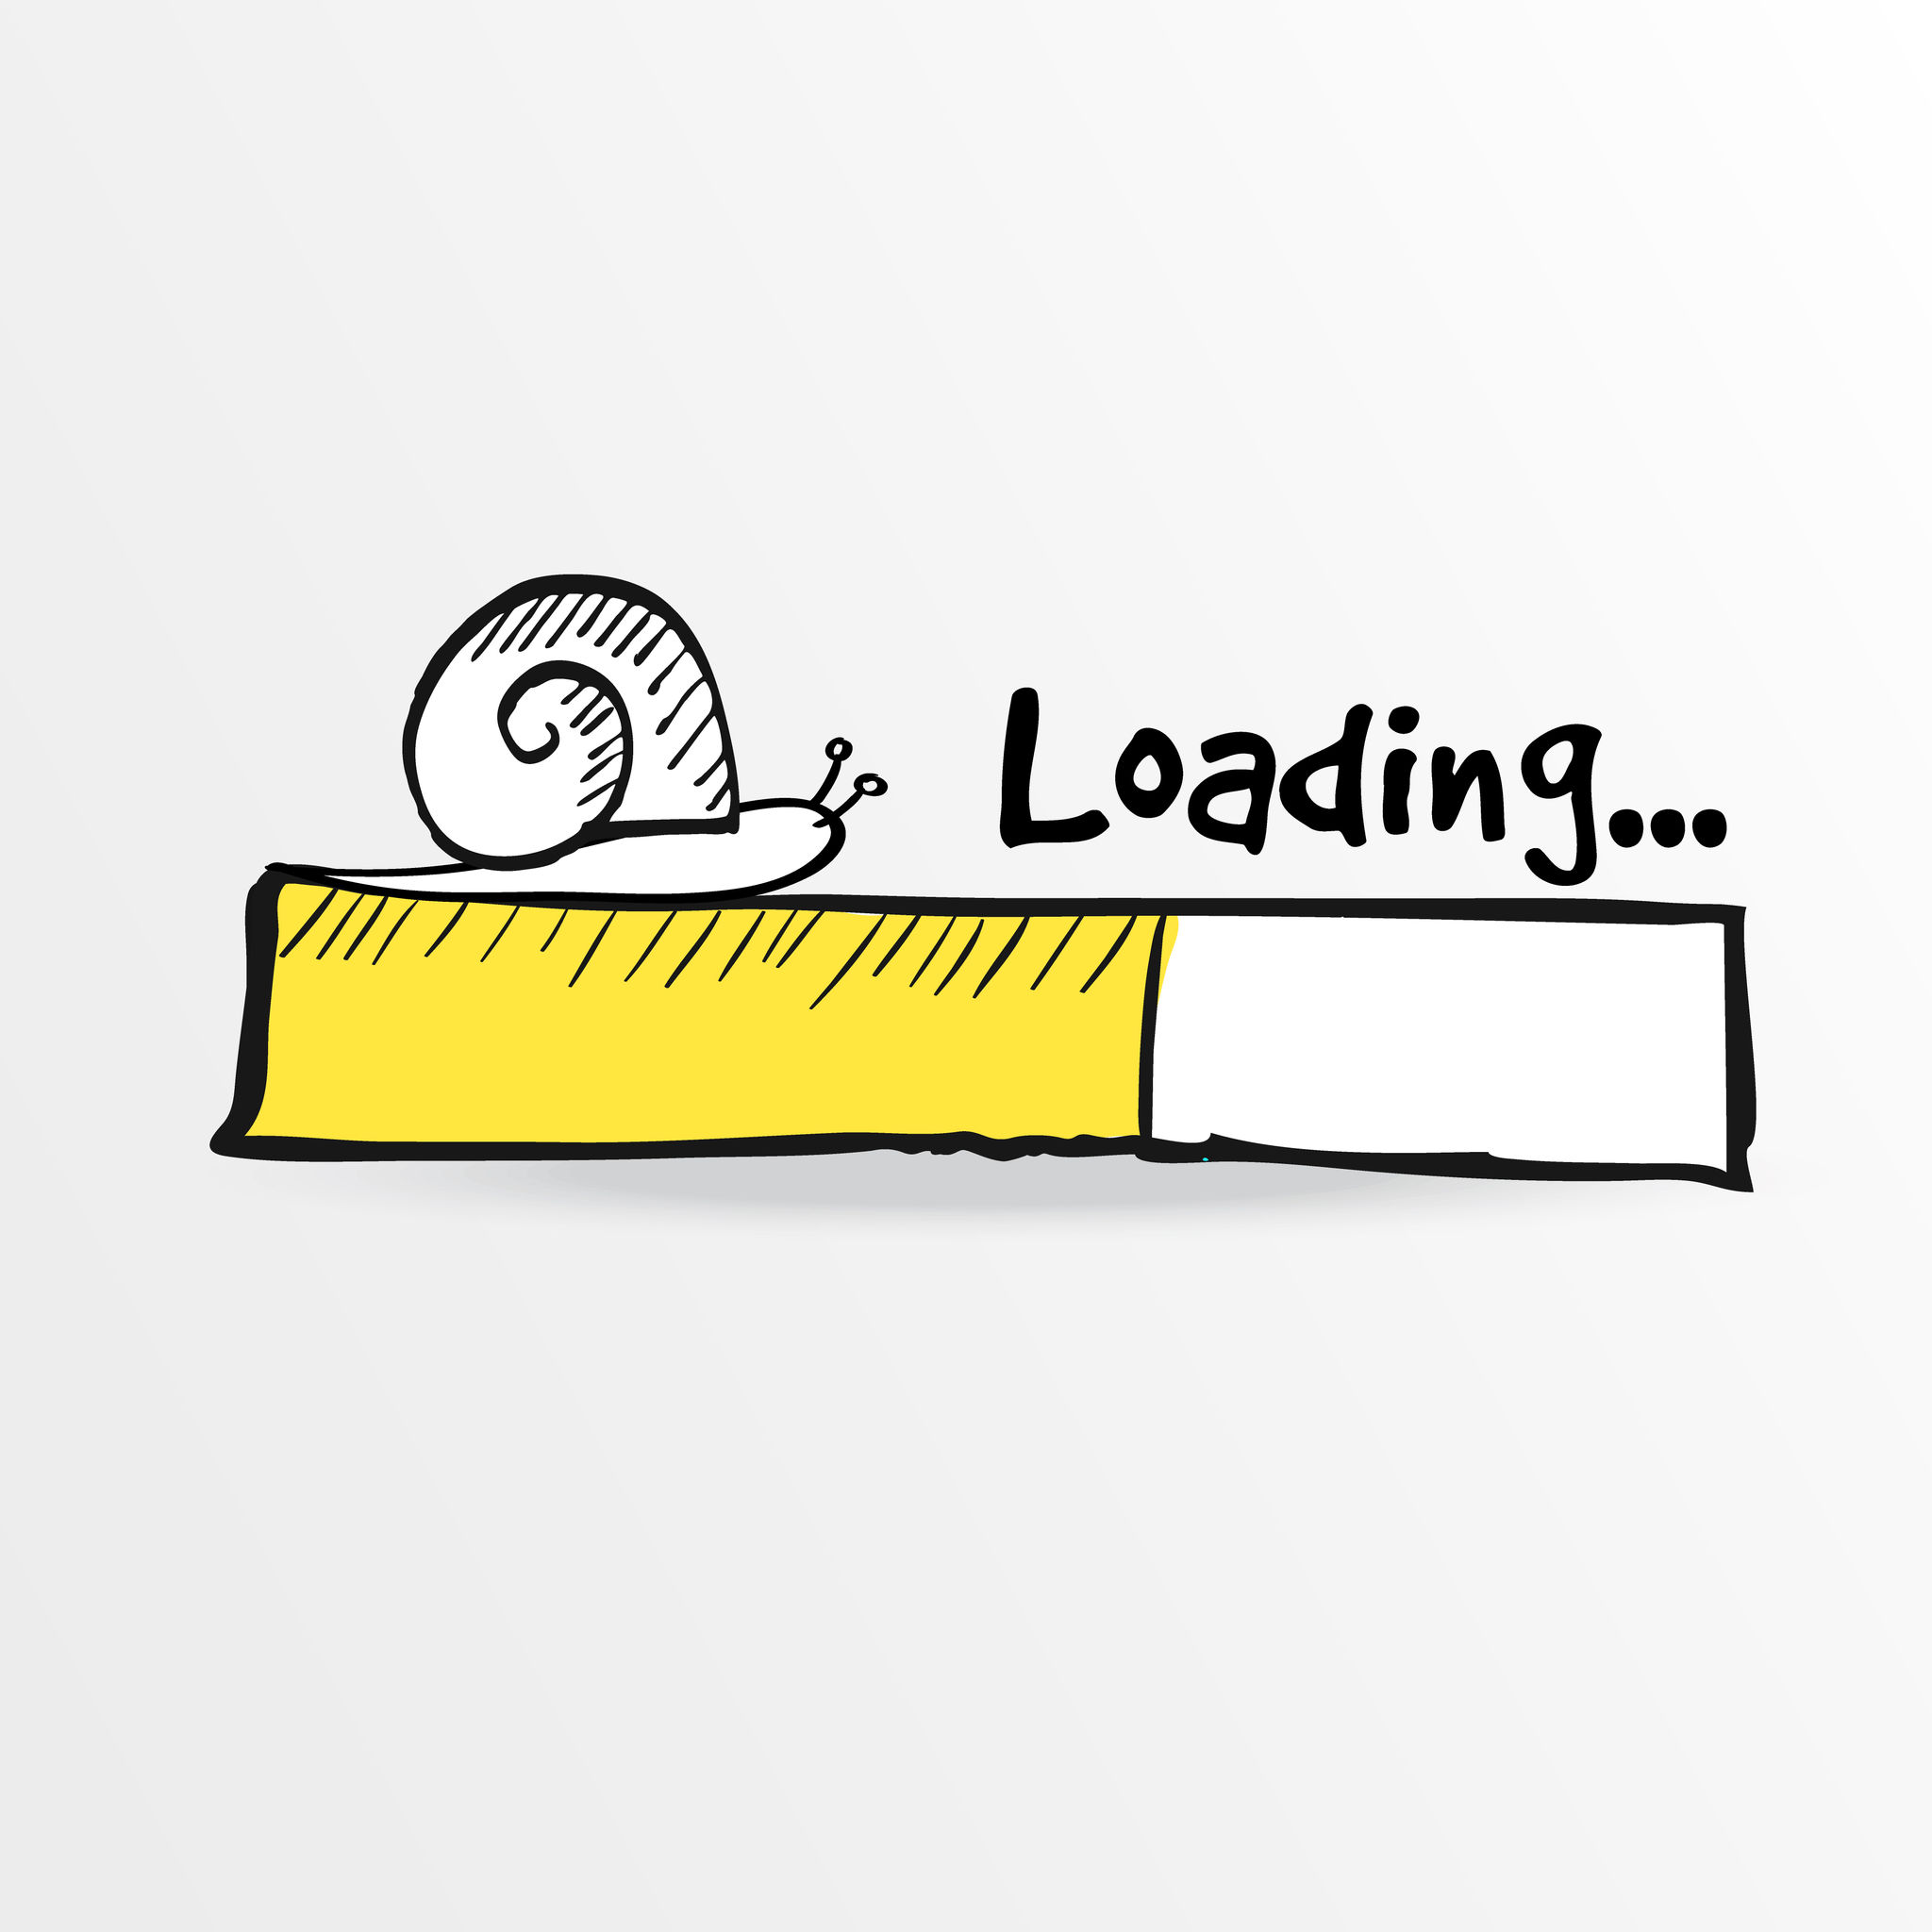 Site Speed - Eyler Creative